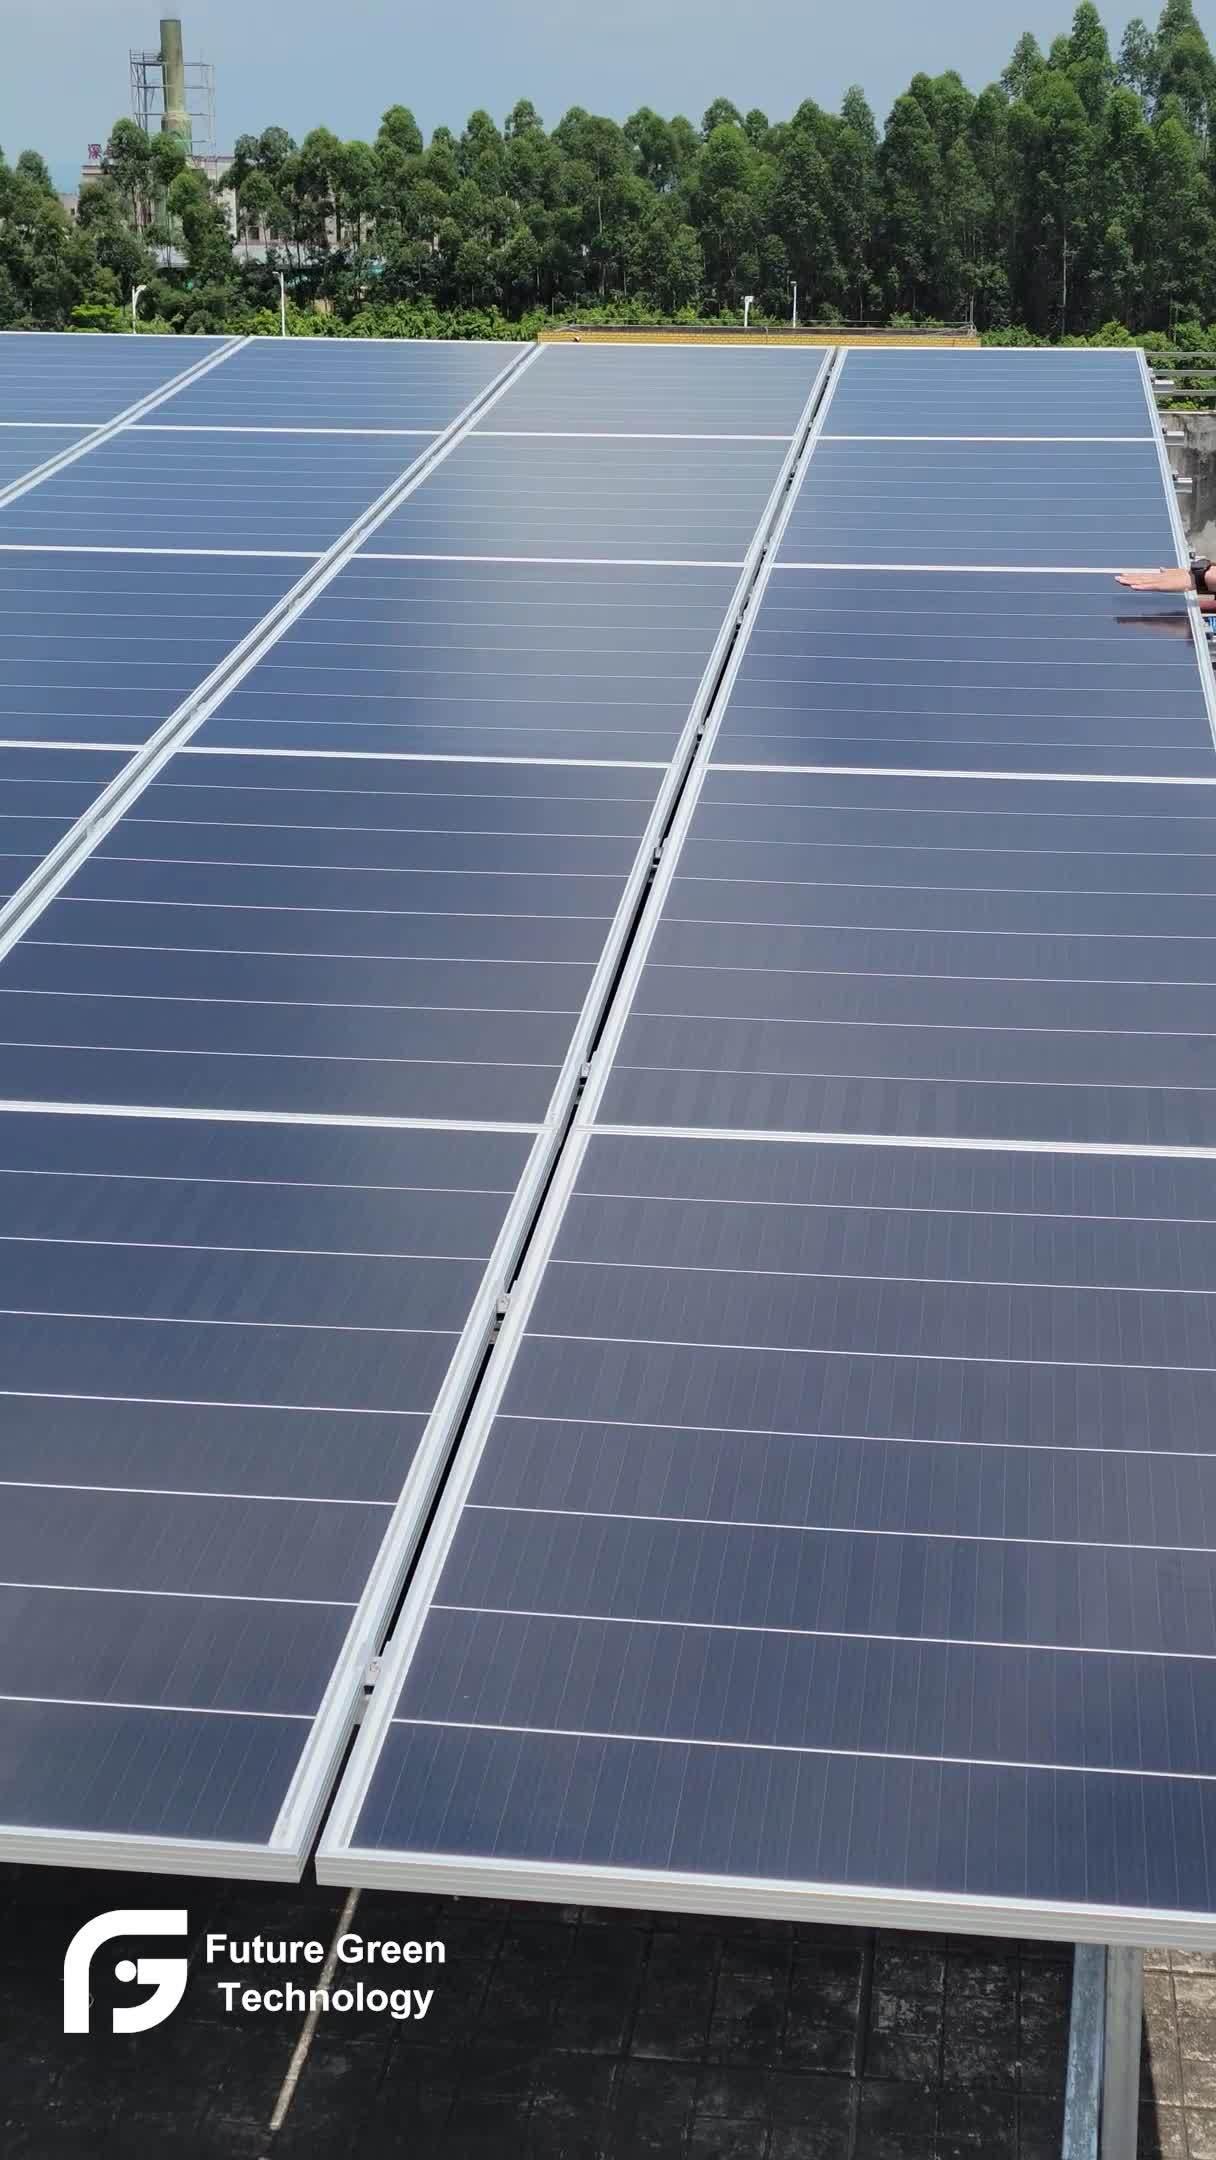 Home Verwendung Schindled monokristalline Panel Power 300W 400W 500W 1000W Energie Solarmodul Preis 10 Kw Zellen